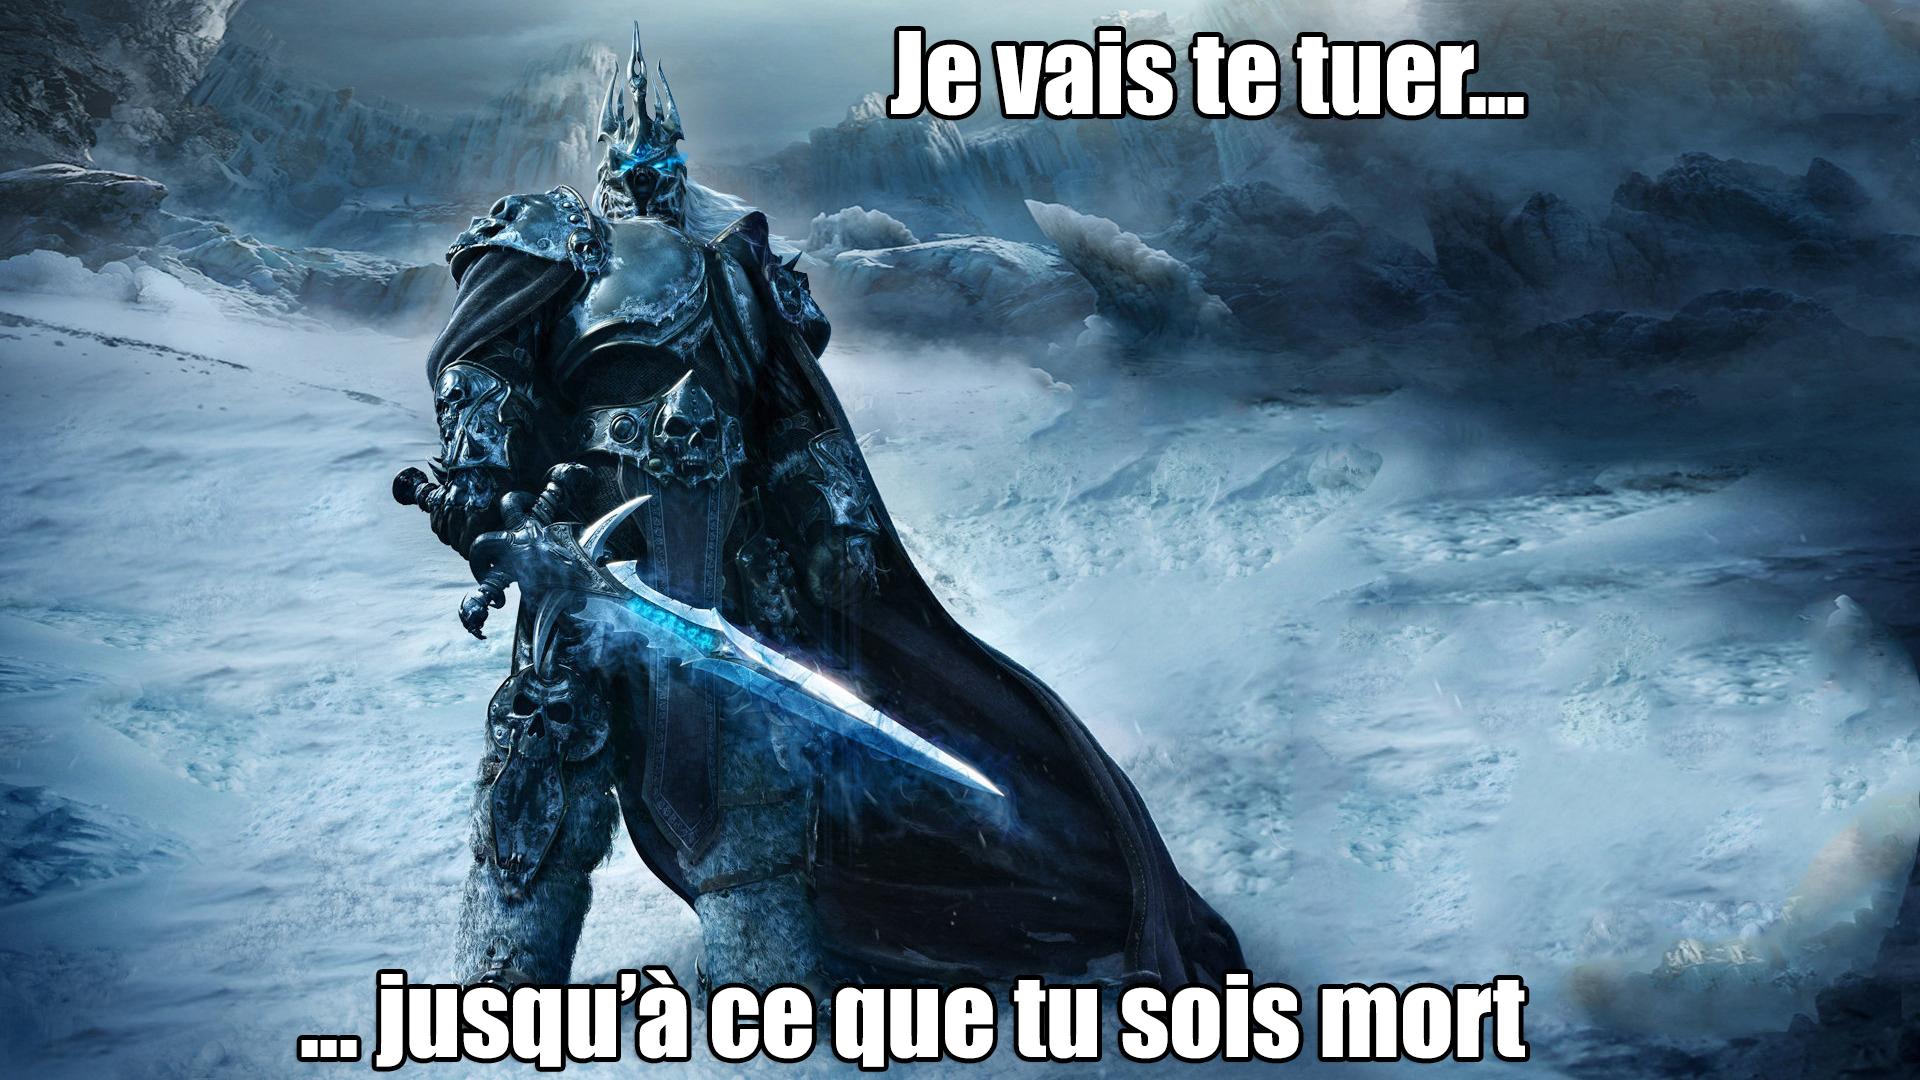 Lich King meme Fille Geek